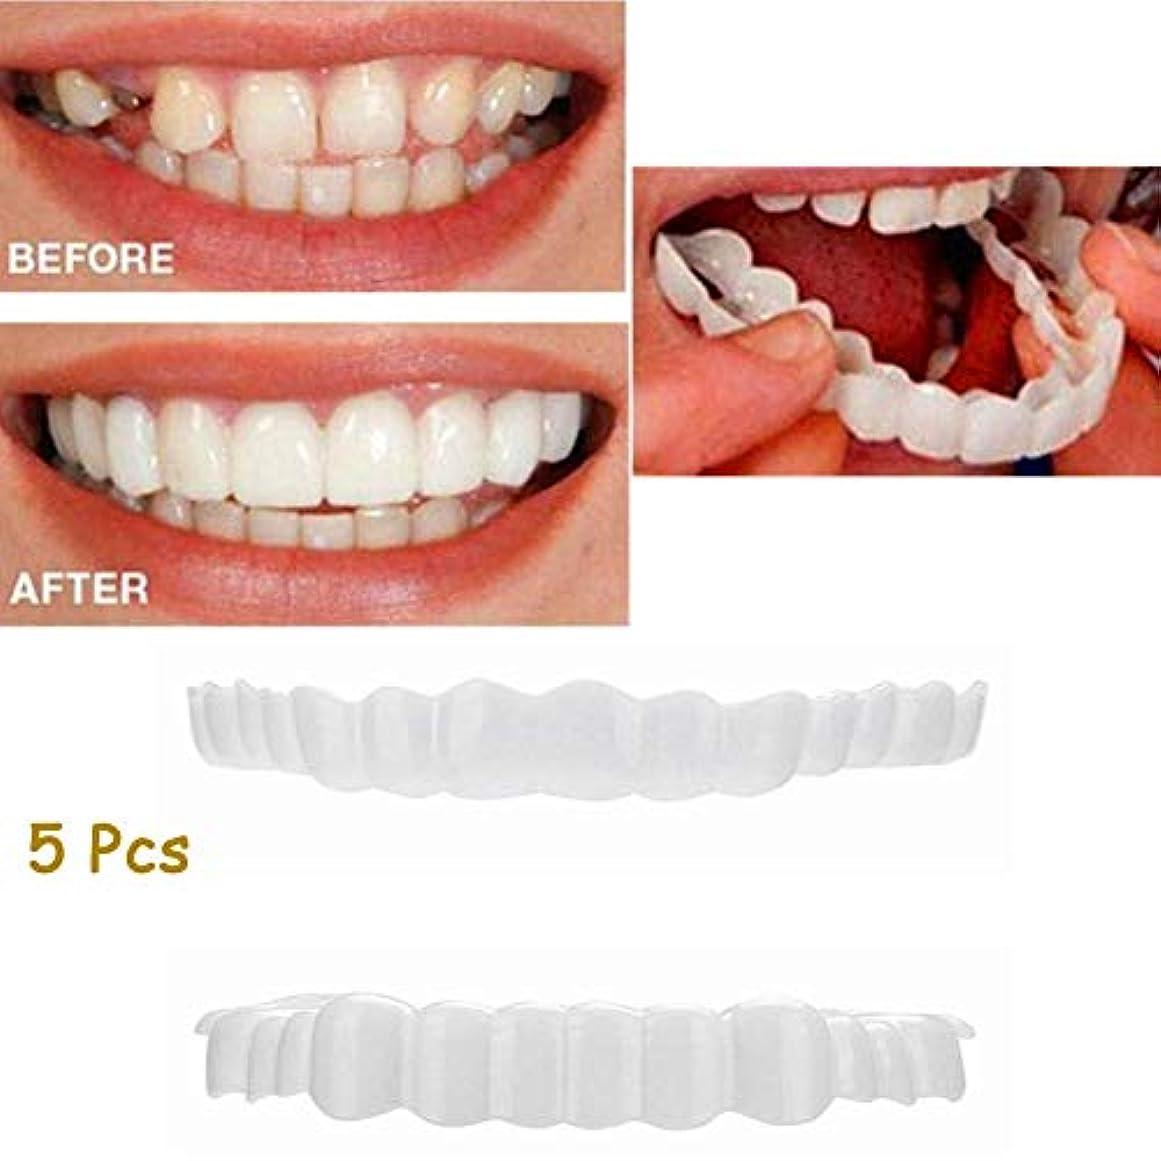 公式入る高度な5ピース上歯+下歯セットインスタントパーフェクトコンフォートフィットフレックス化粧品歯入れ歯歯ホワイトニングスマイルフェイク歯